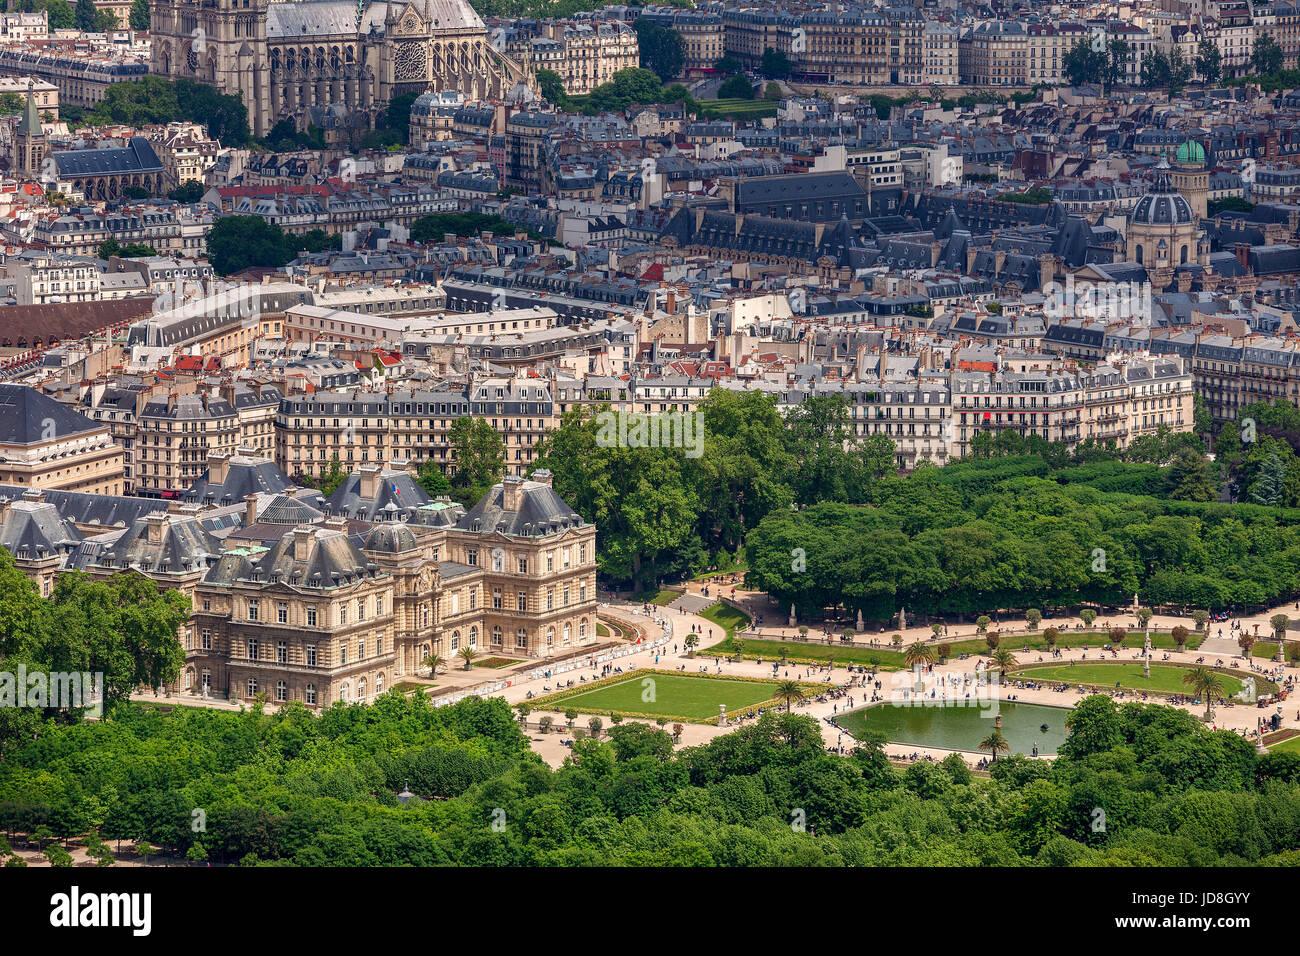 Blick von oben auf den berühmten Garten Jardin du Luxembourg und Palais du Luxembourg als typisch Paris Gebäude Stockbild